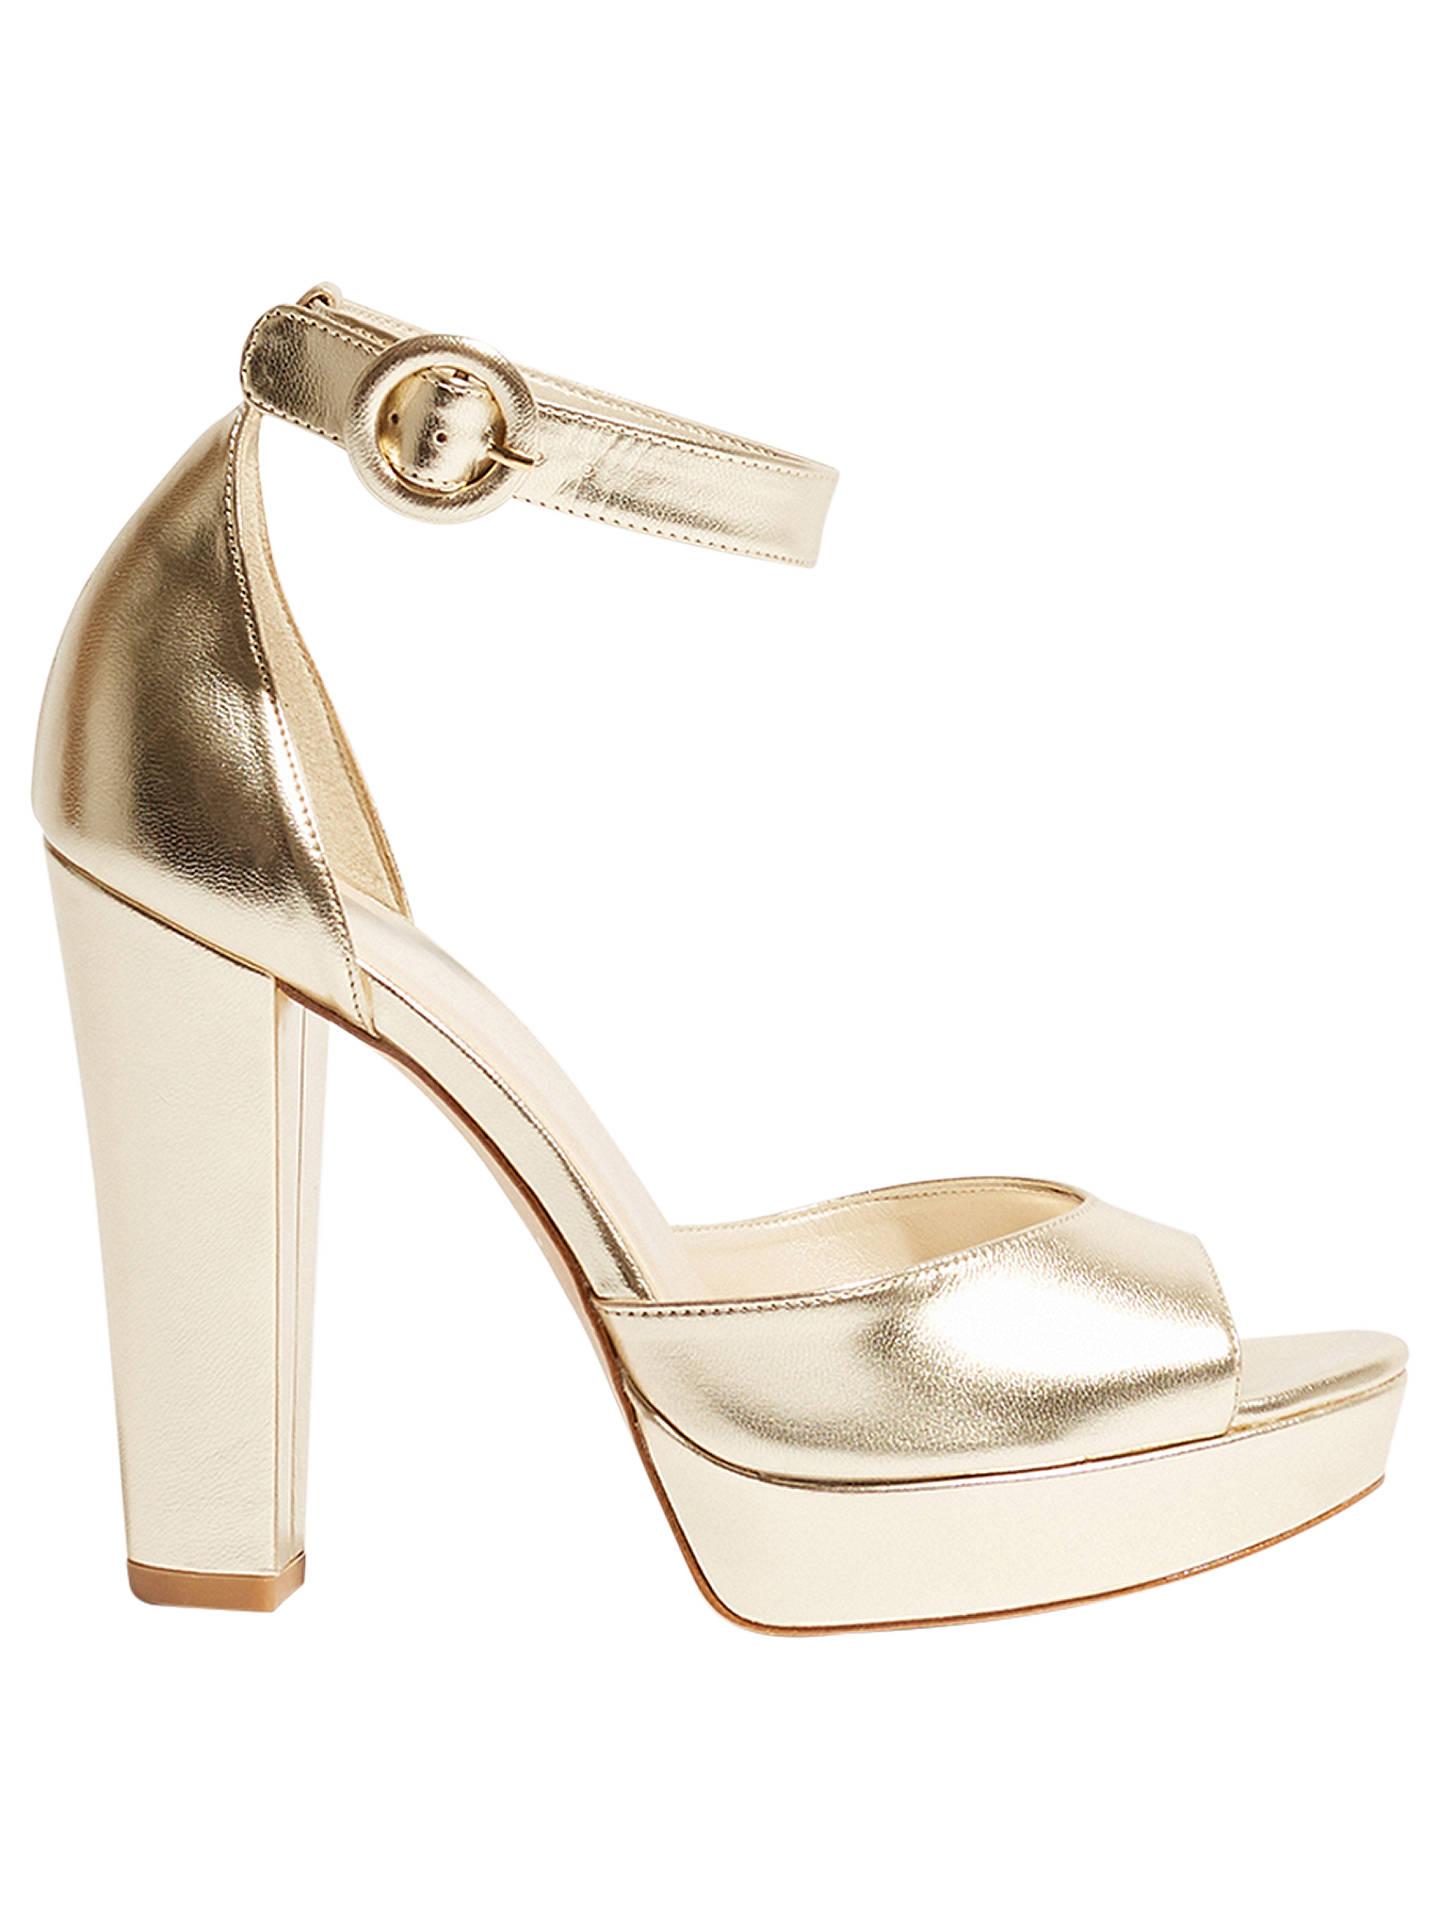 d5e266de4a6 Buy Karen Millen Platform Block Heel Sandals